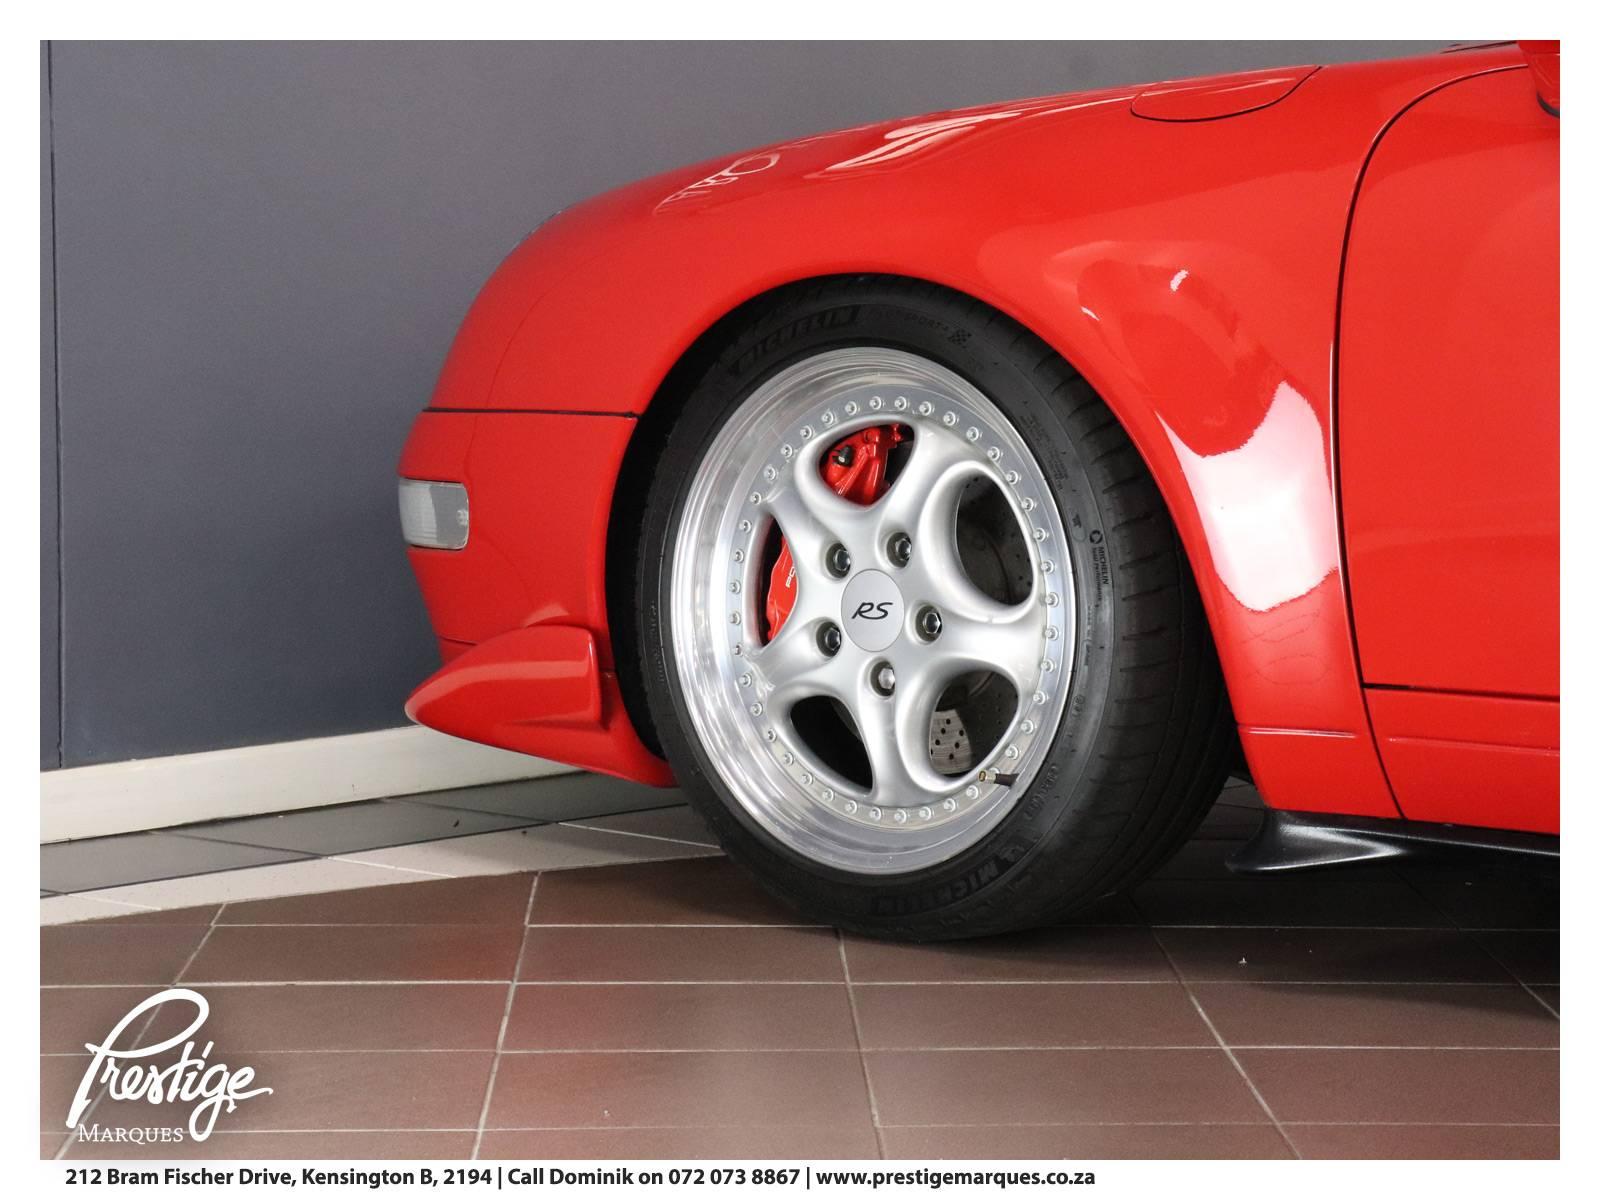 PORSCHE-911-993-CARRERA-RS-PRESTIGE-MARQUES-RANDBURG-SANDTON-11